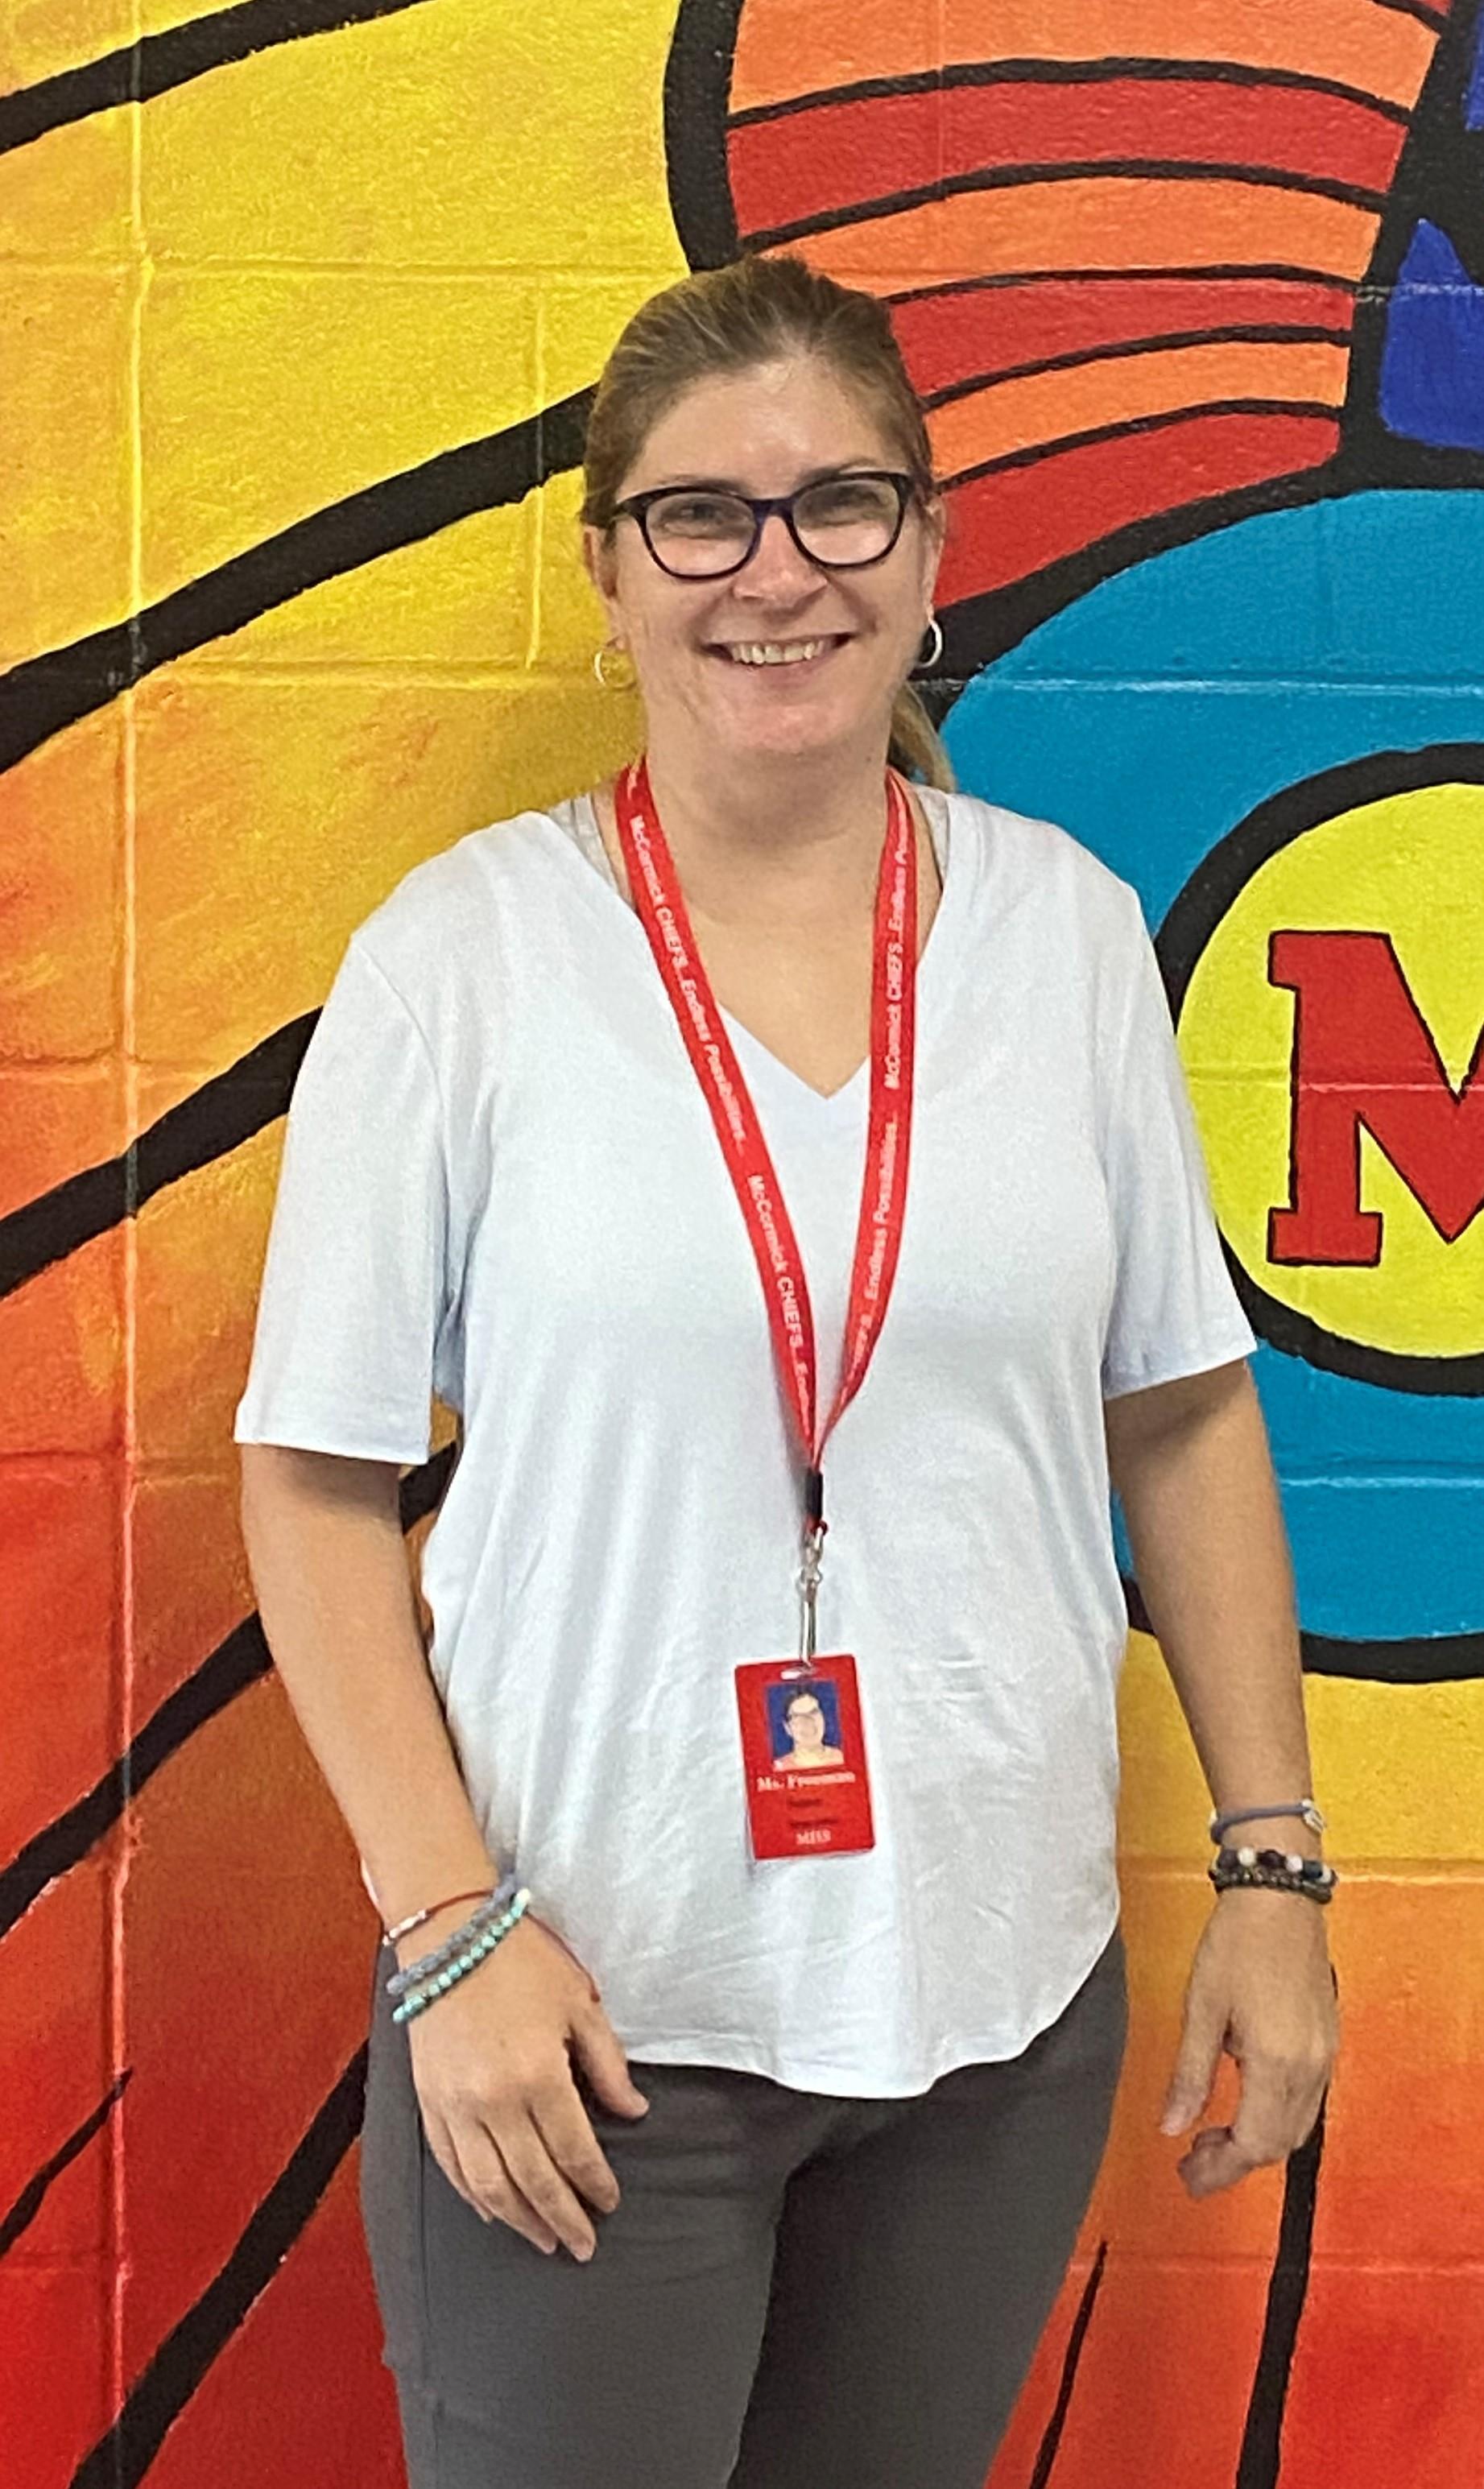 Ms. Freeman